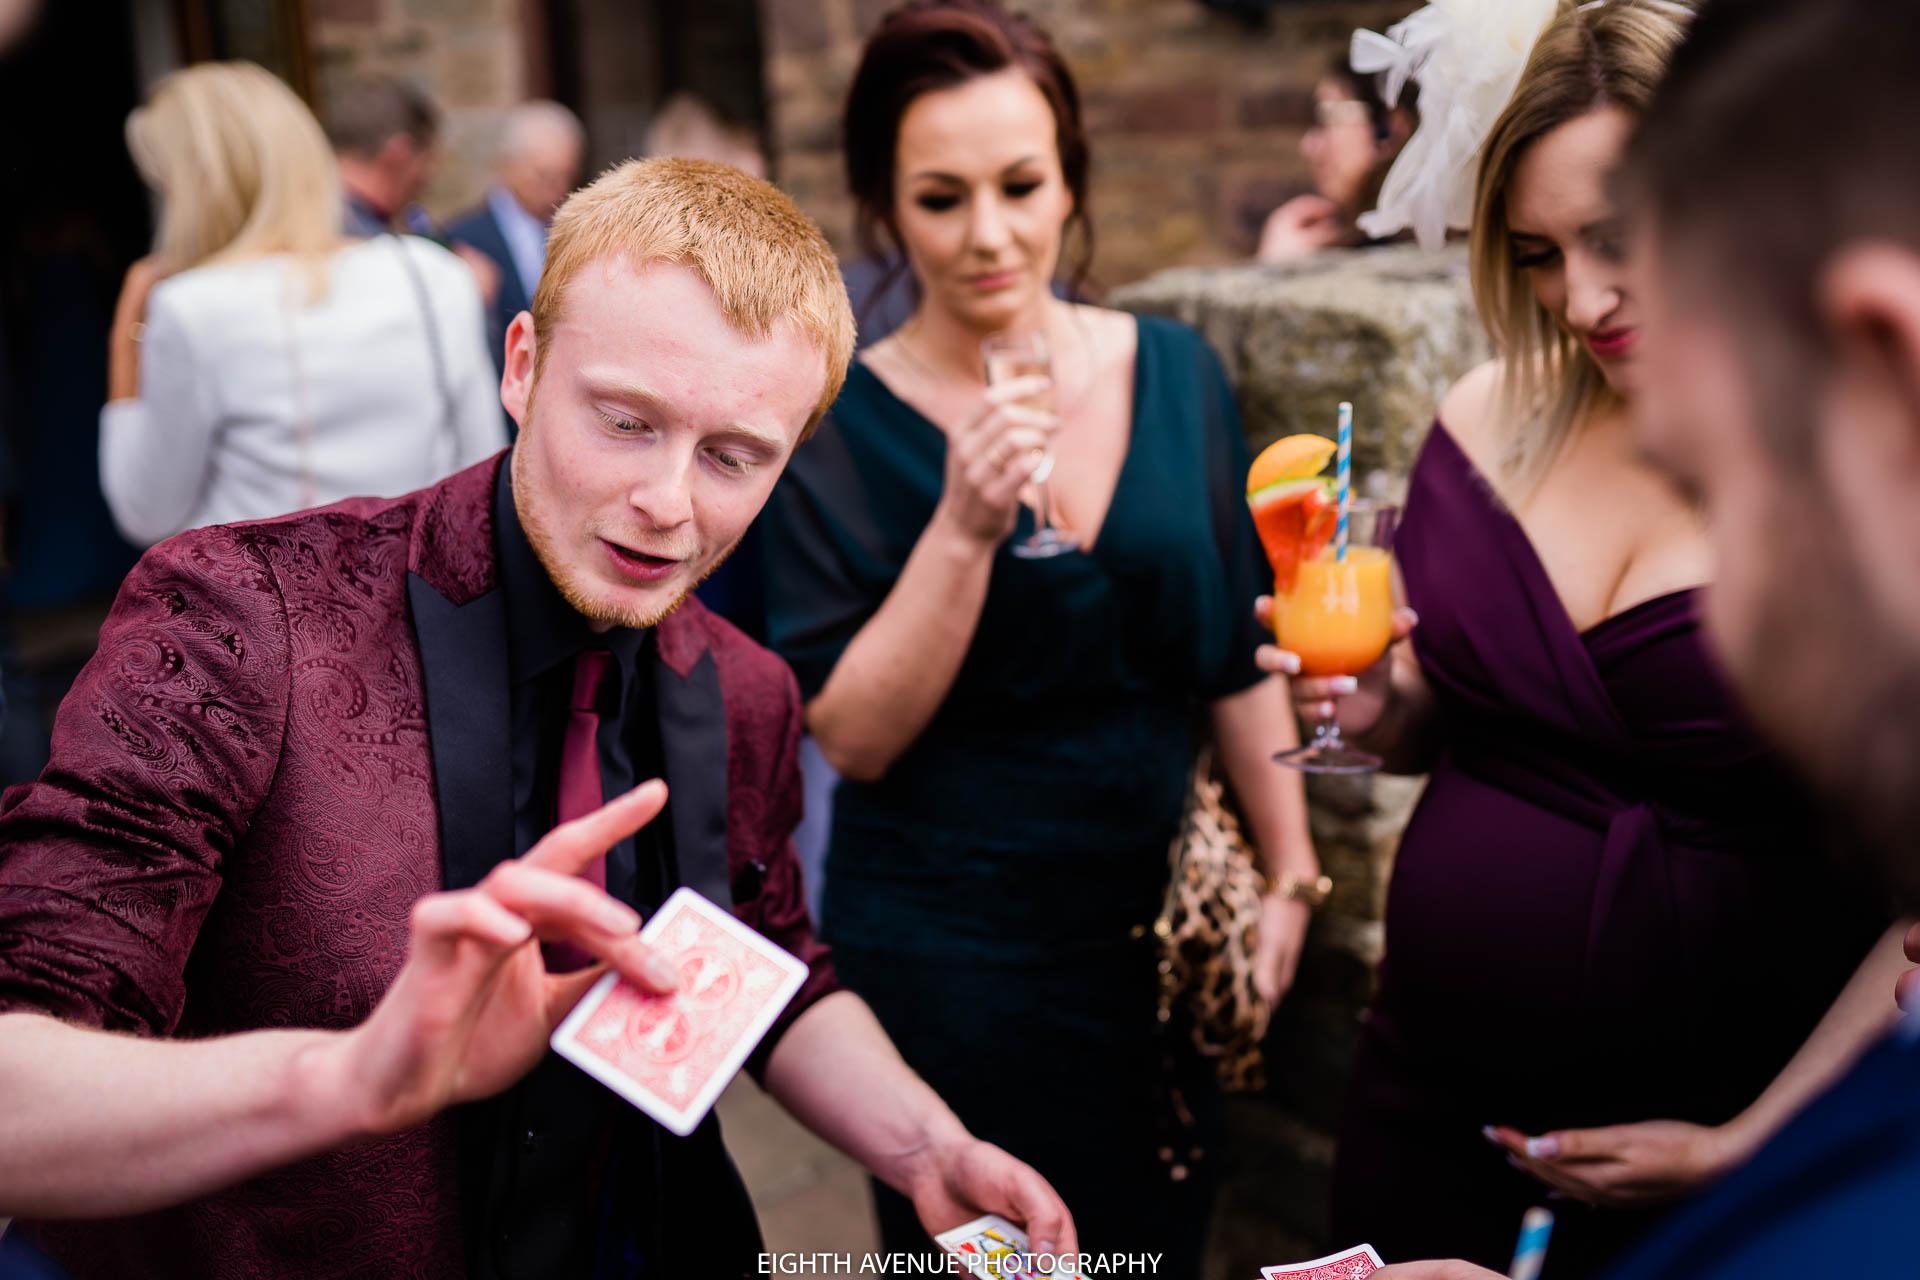 zanda magic entertaining wedding guests